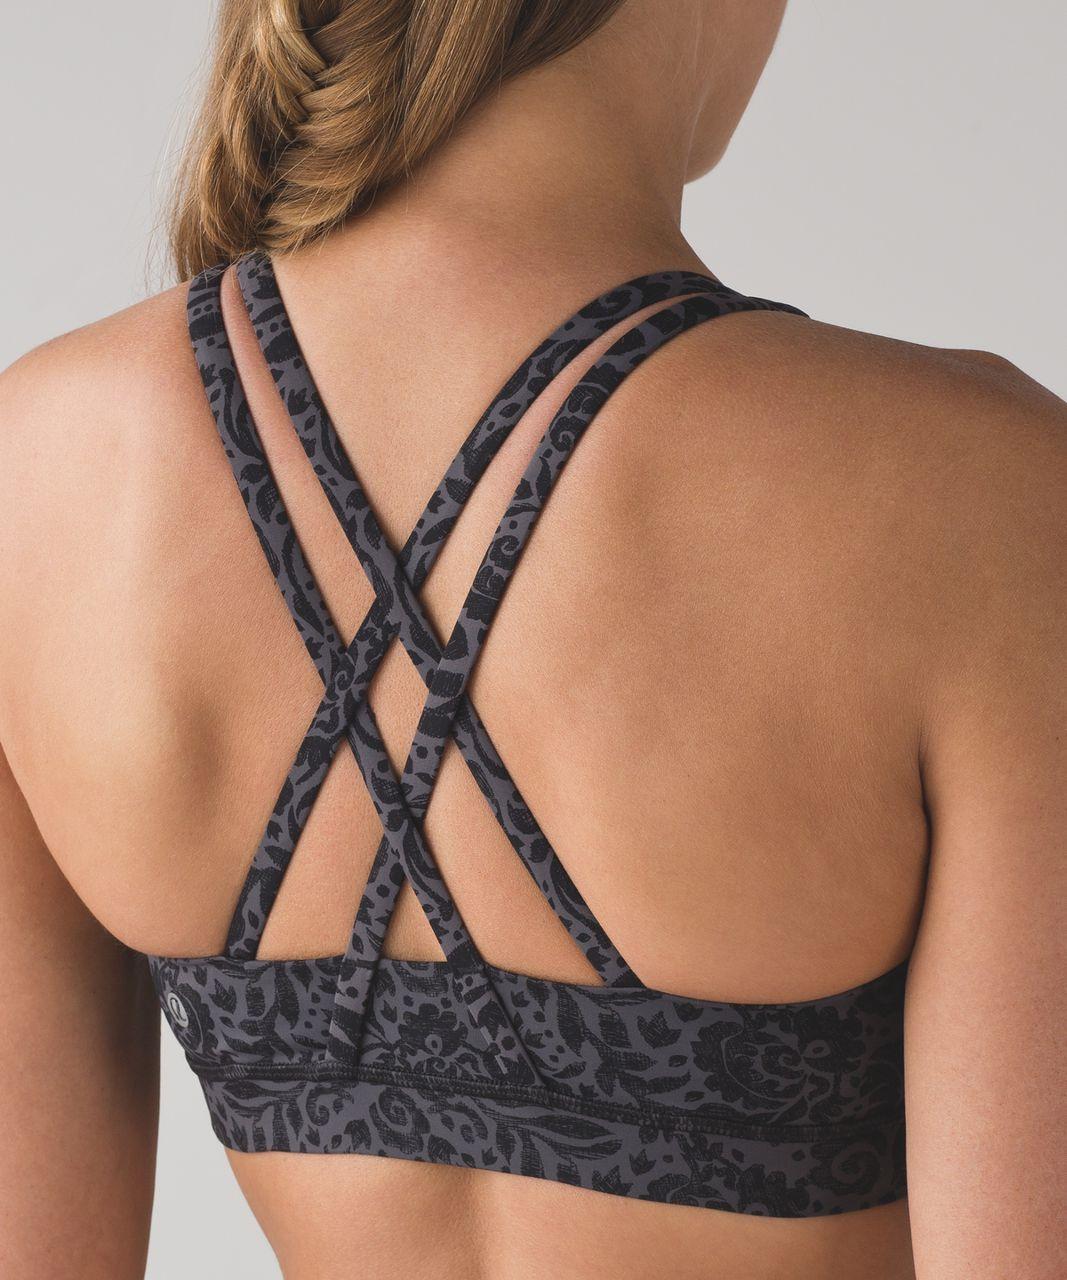 Lululemon Energy Bra (Nulux) - Ooh-la-lace Energy Bra 50g Dark Carbon Black